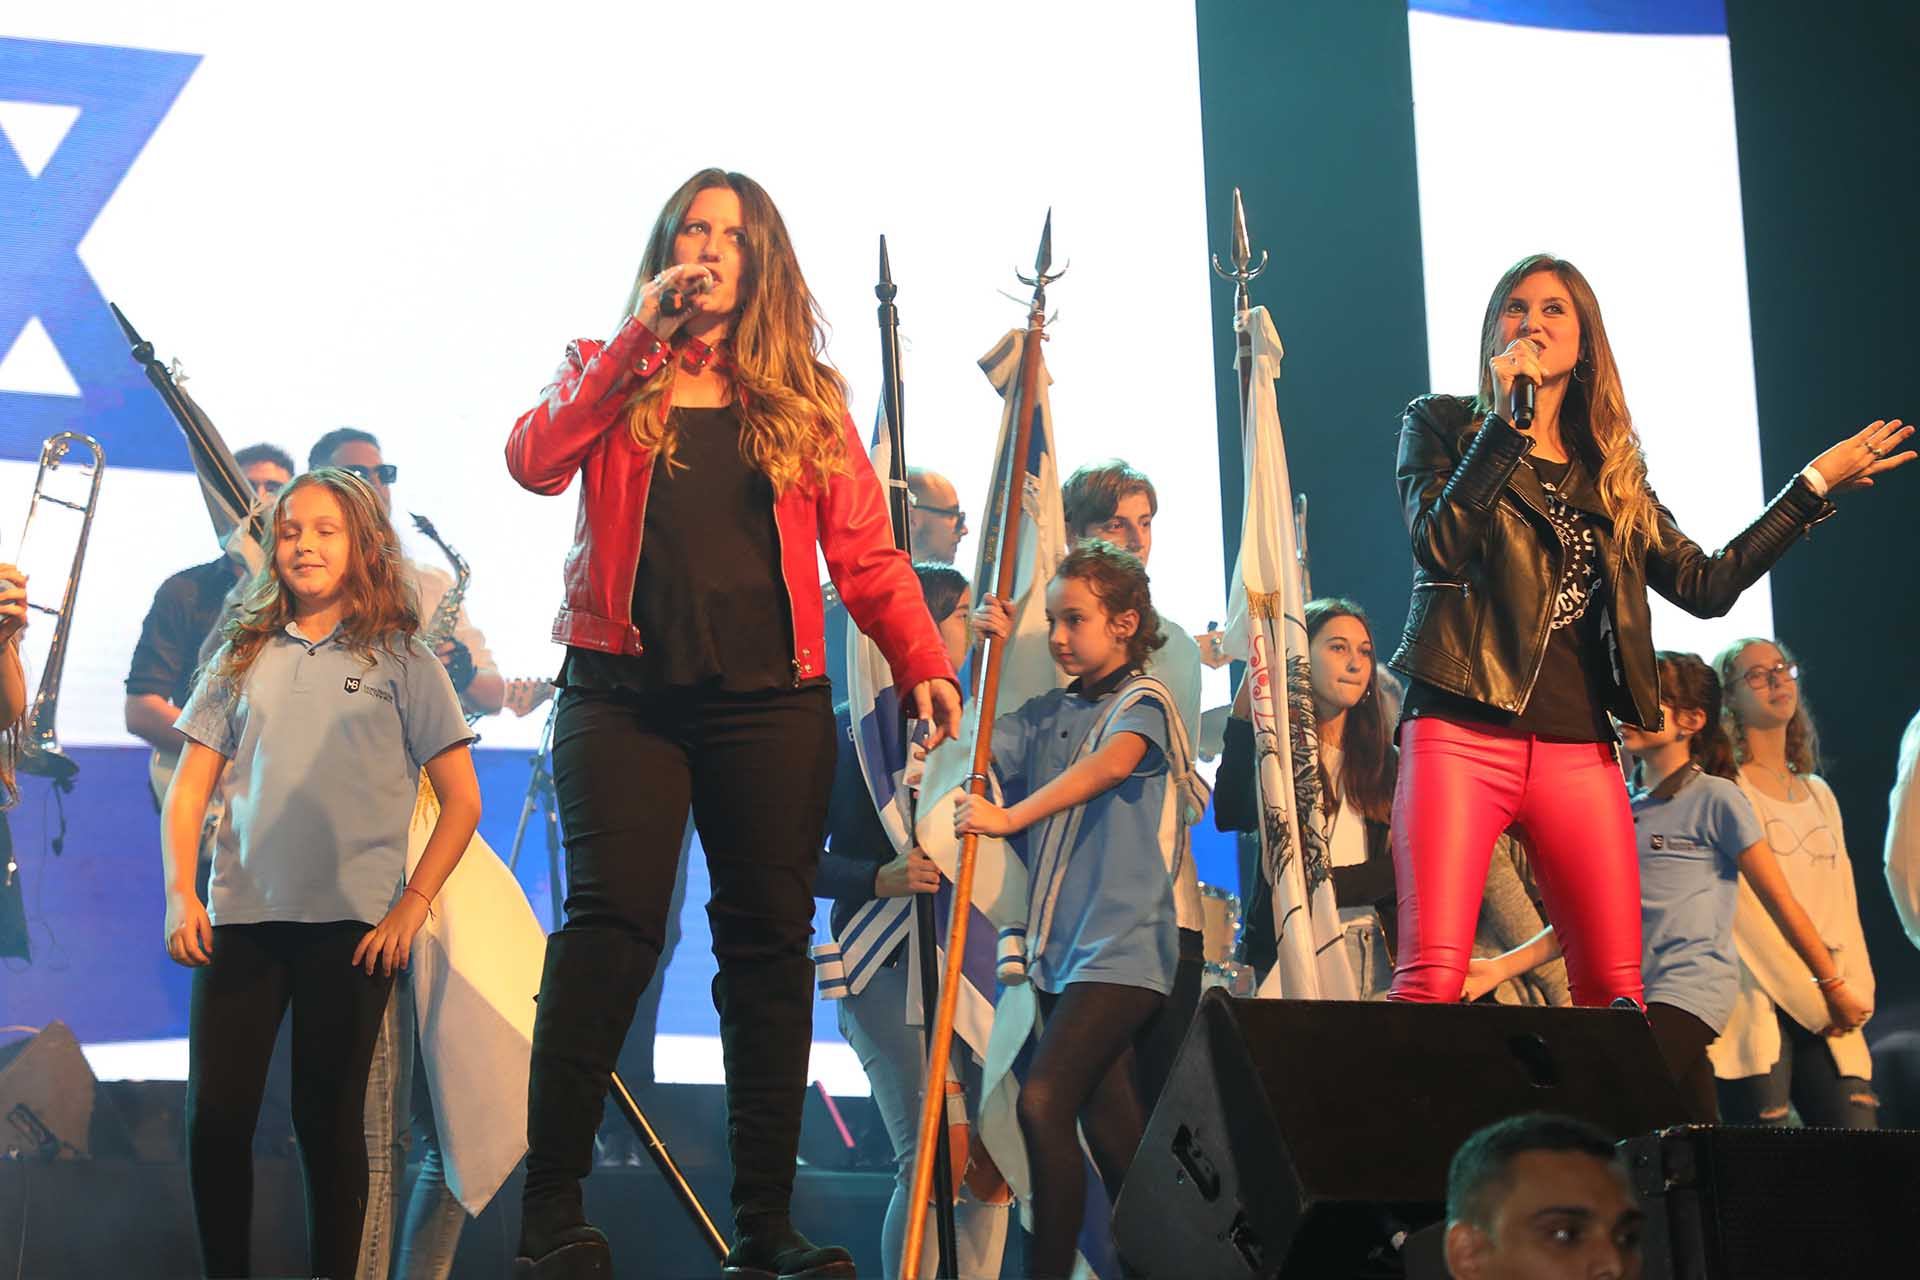 En Argentina contó con una gran producción, que se encargó de brindar un espectáculo que retomó el concepto clásico de esta clase de eventos, para que el festejo perdure en el tiempo como la misma cultura judía